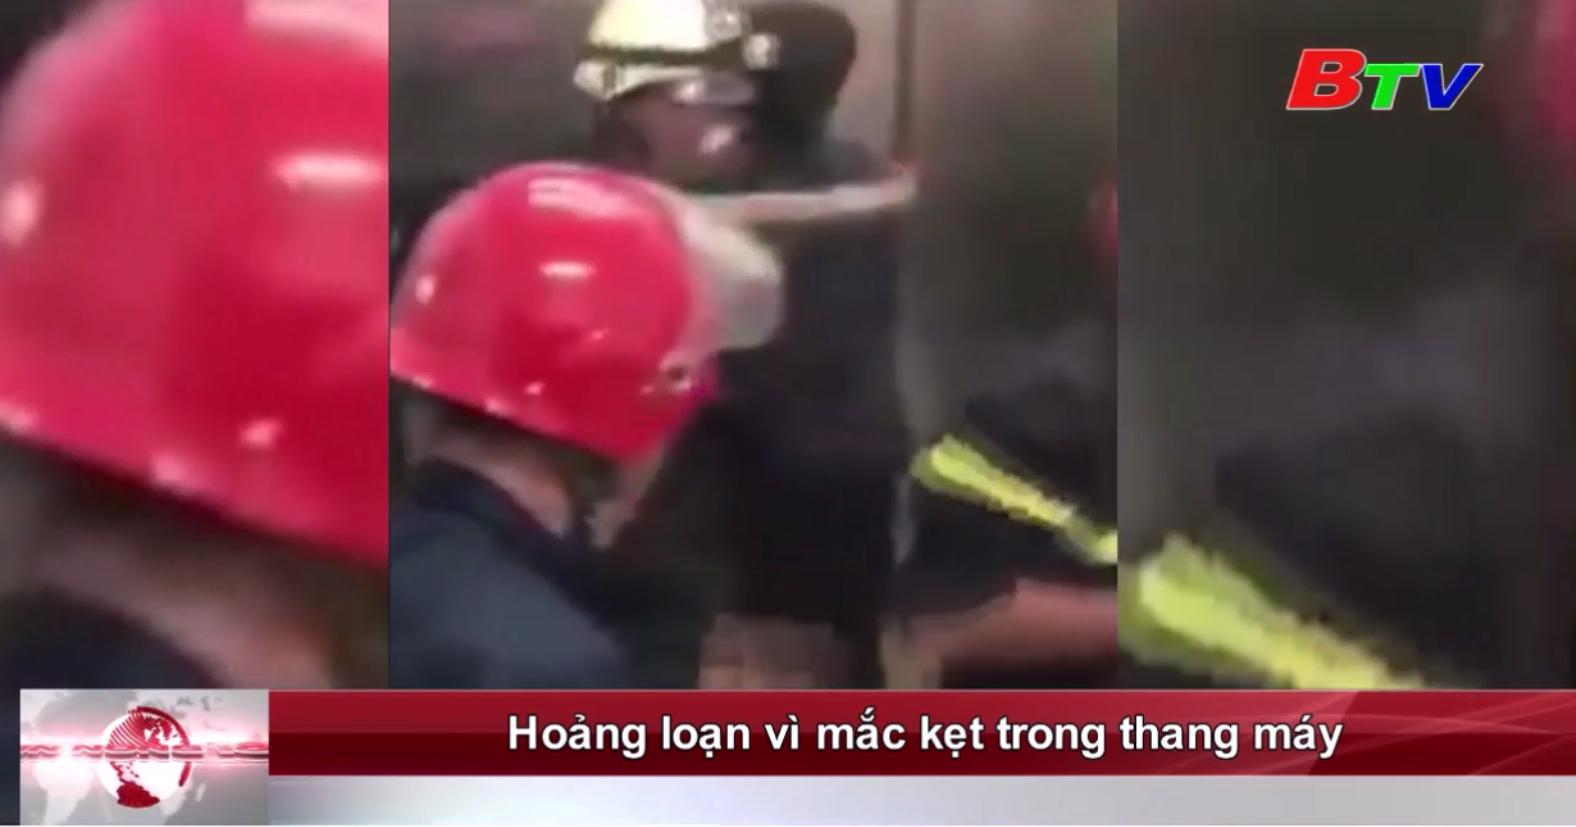 Hoảng loạn vì mắc kẹt trong thang máy